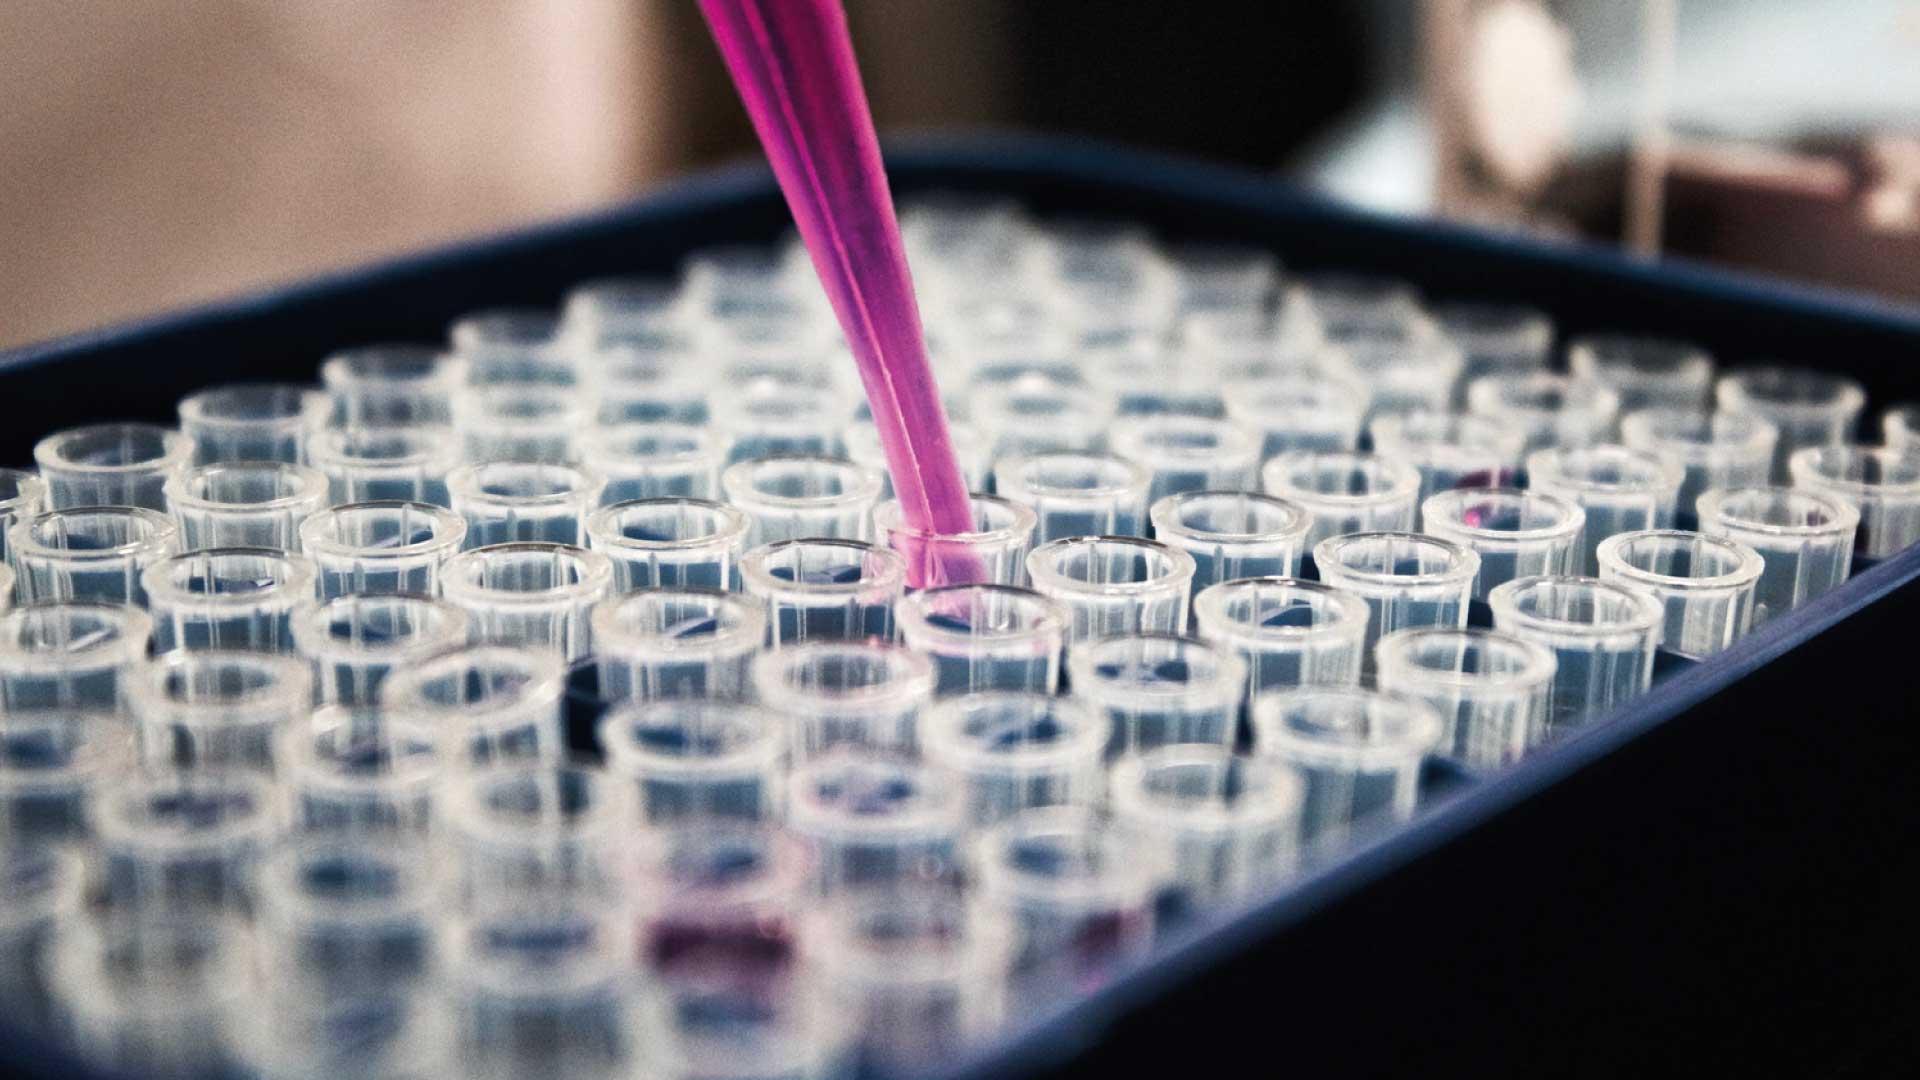 Bioquímica   Laboratorio Ganivet   Laboratorio de Análisis Clínicos   Granada